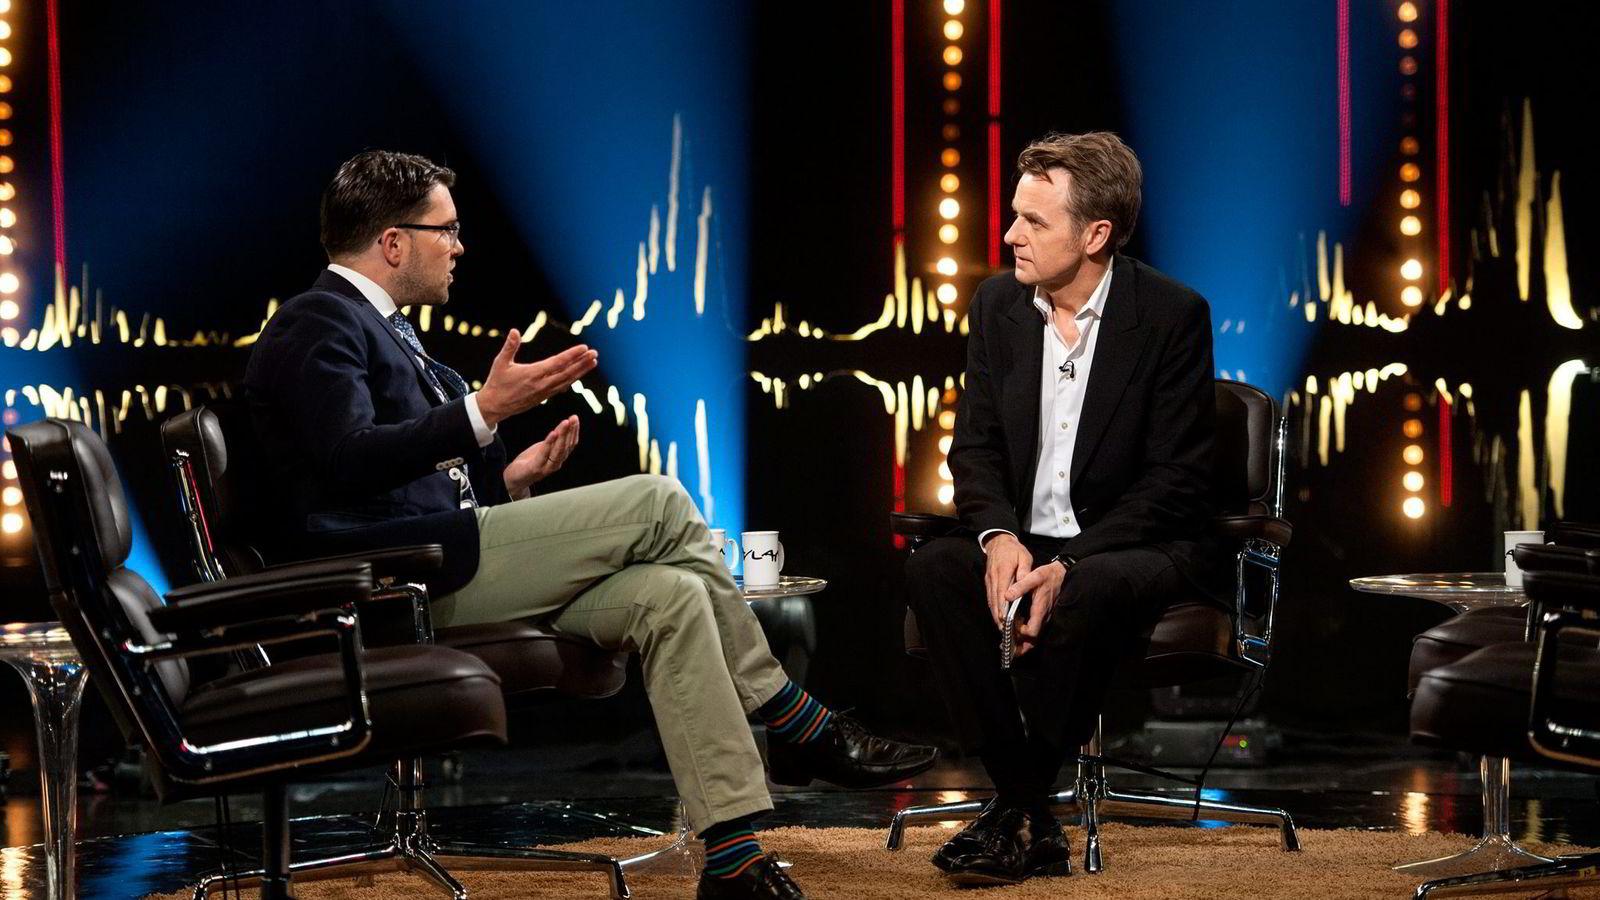 Jimmie Åkesson var gjest hos Fredrik Skavlan fredag 27. mars 2015.